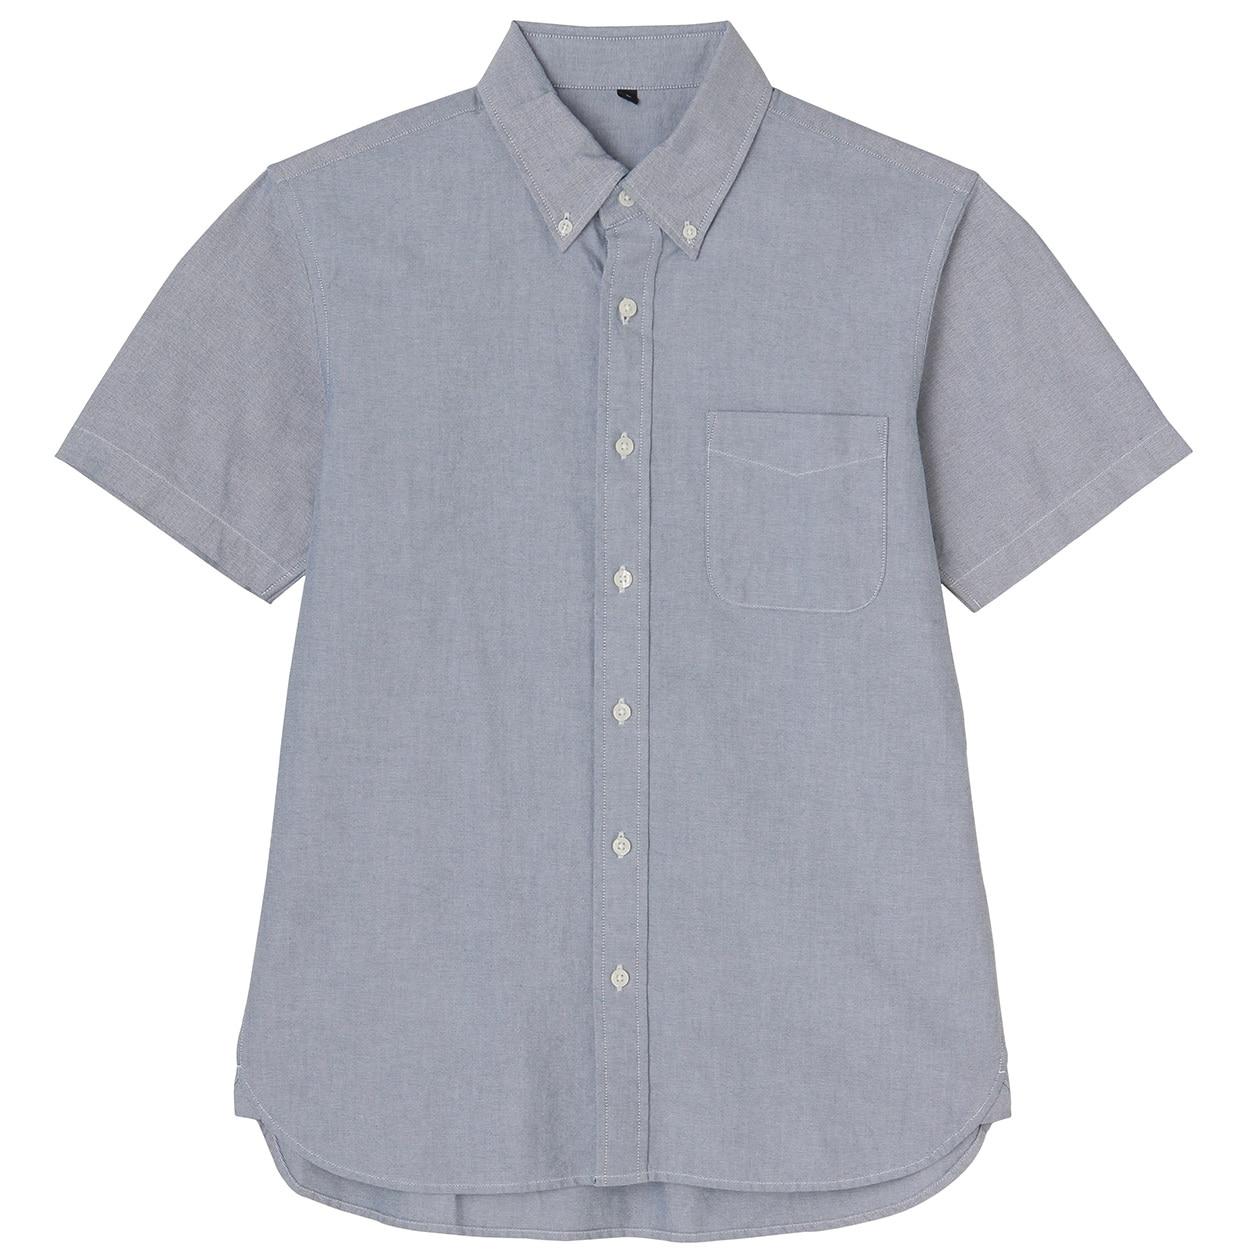 Organic Cotton Oxford Button Down S S Shirt Men S Blue Muji